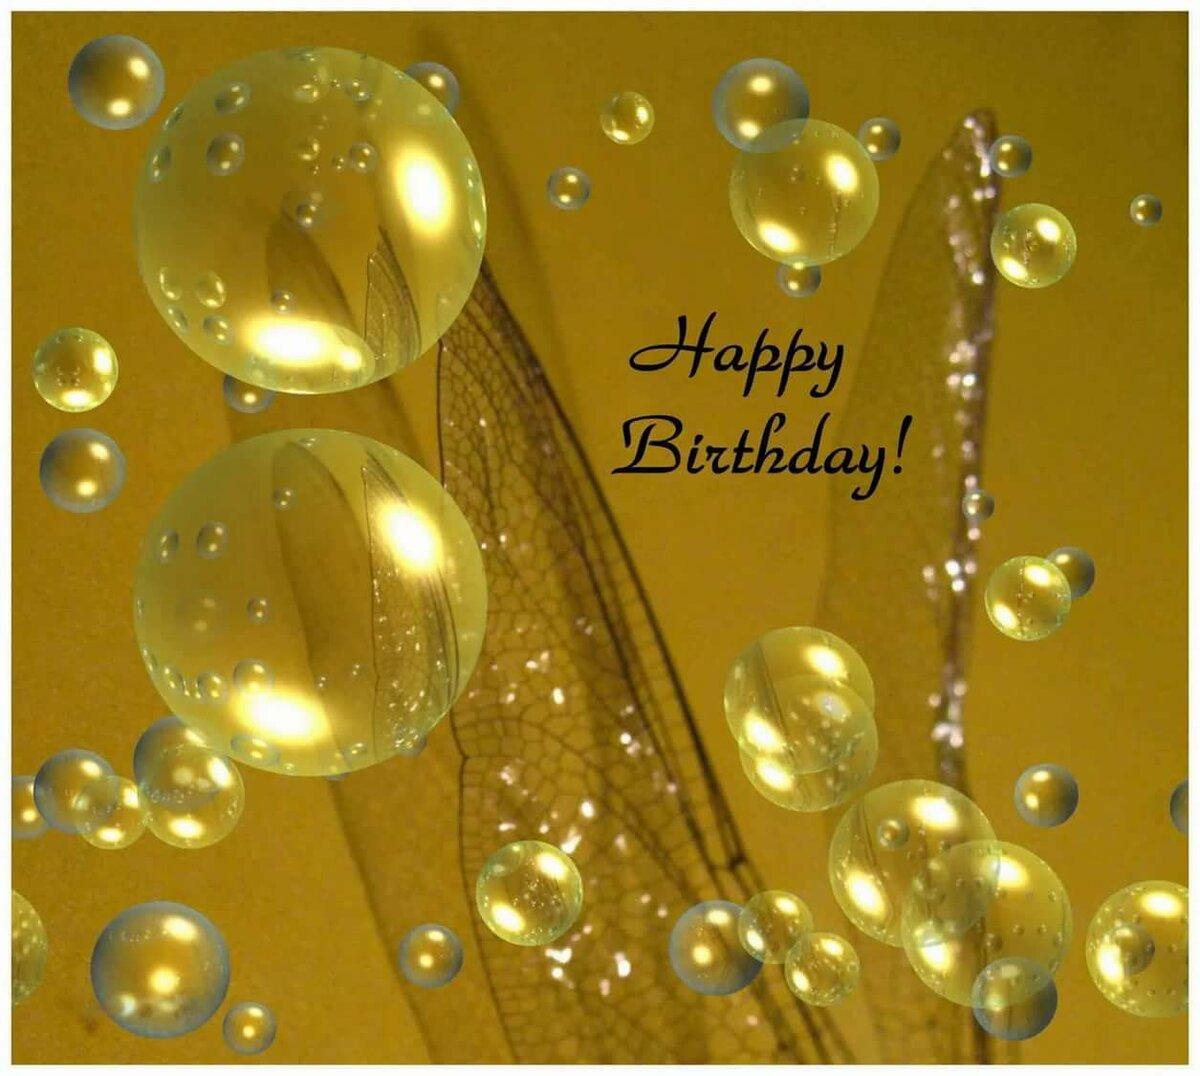 С днем рождения элегантные открытки женщине, картинки надписью